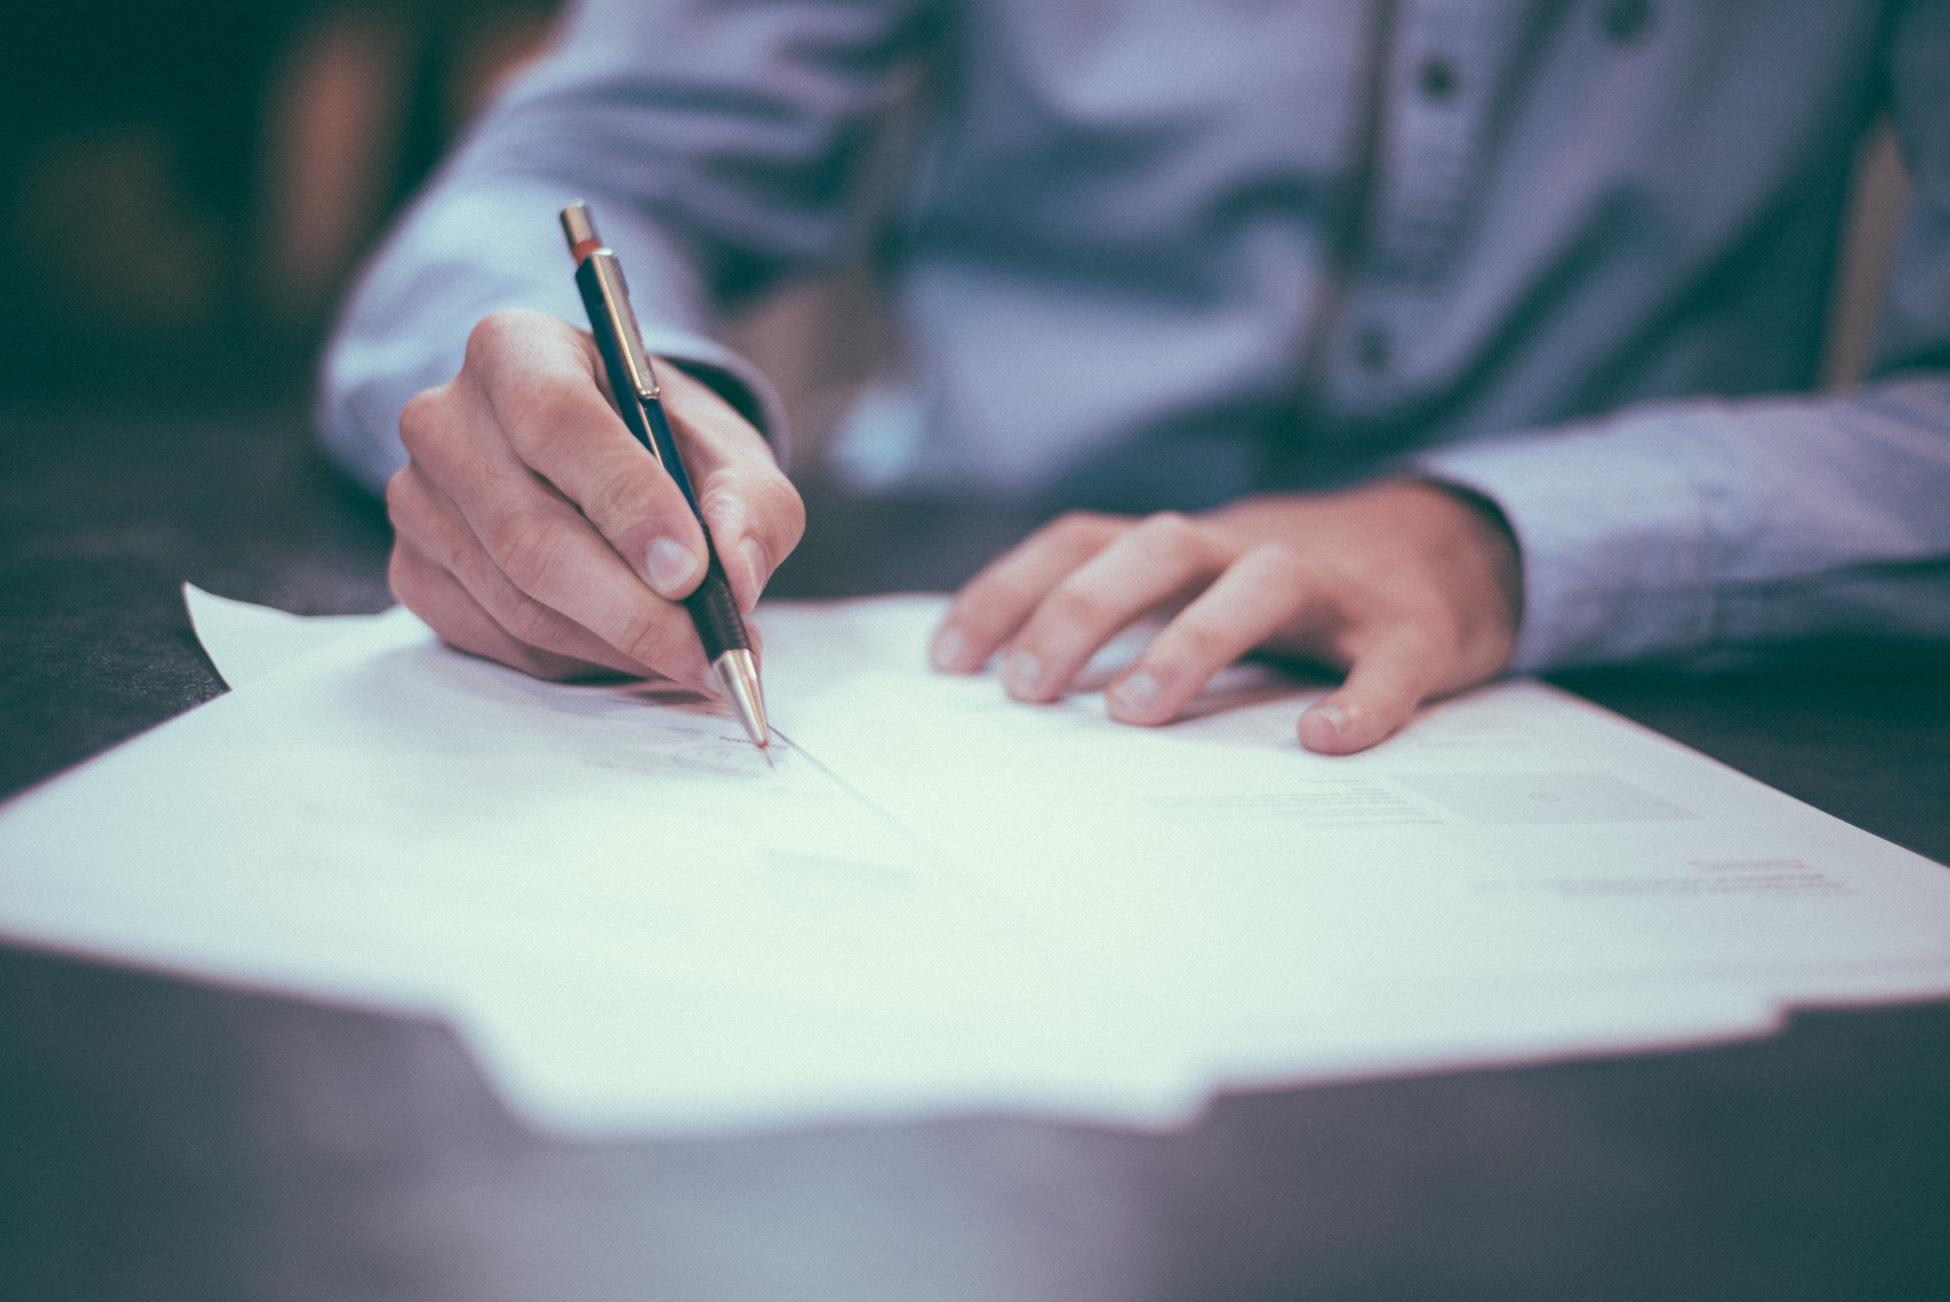 Зачем писать статьи для пациентов и Почему нельзя это делать кое-как?